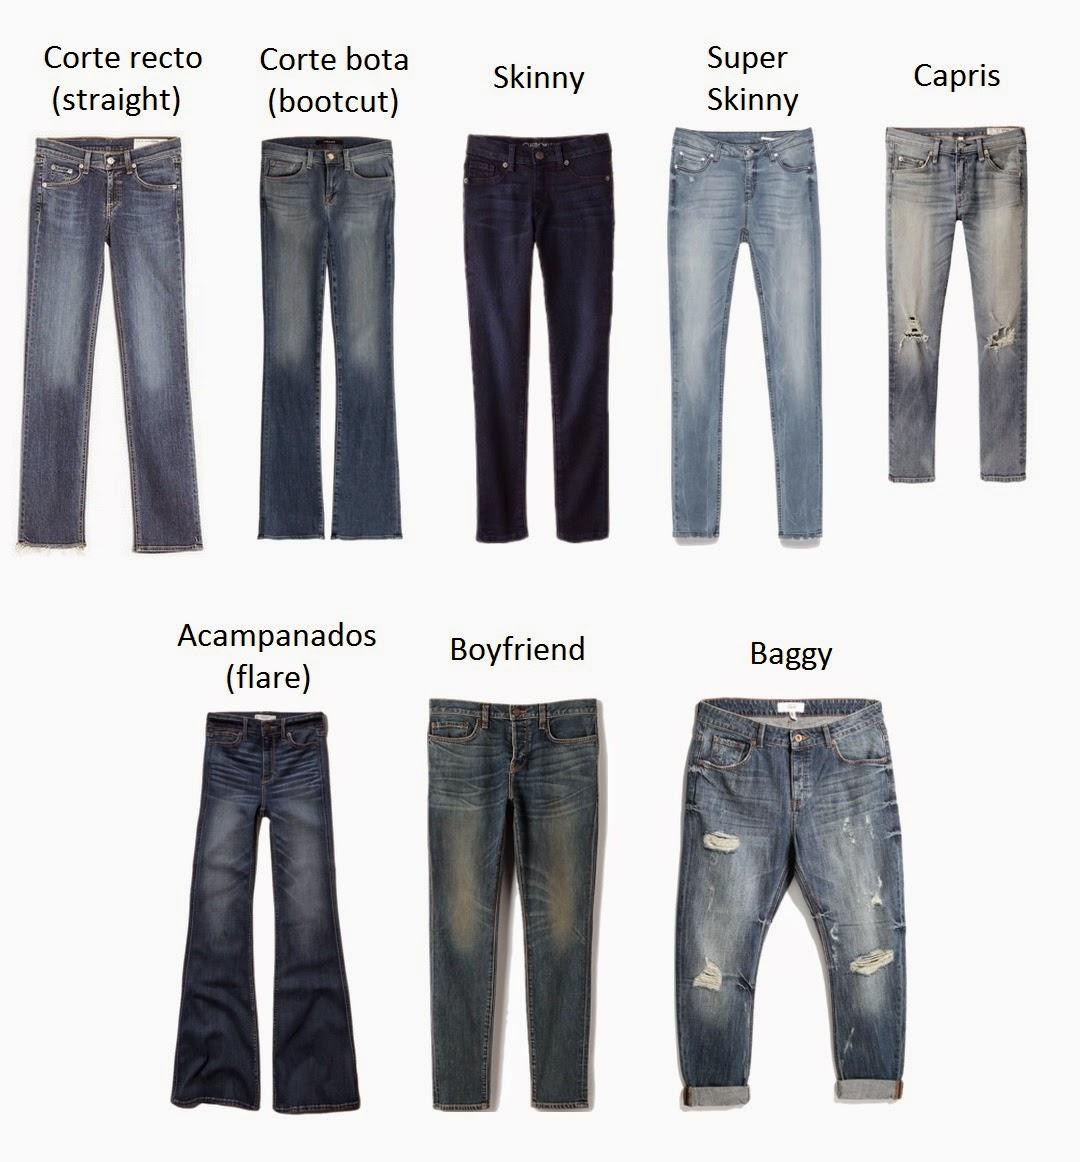 Jeans de bikini de corte bajo